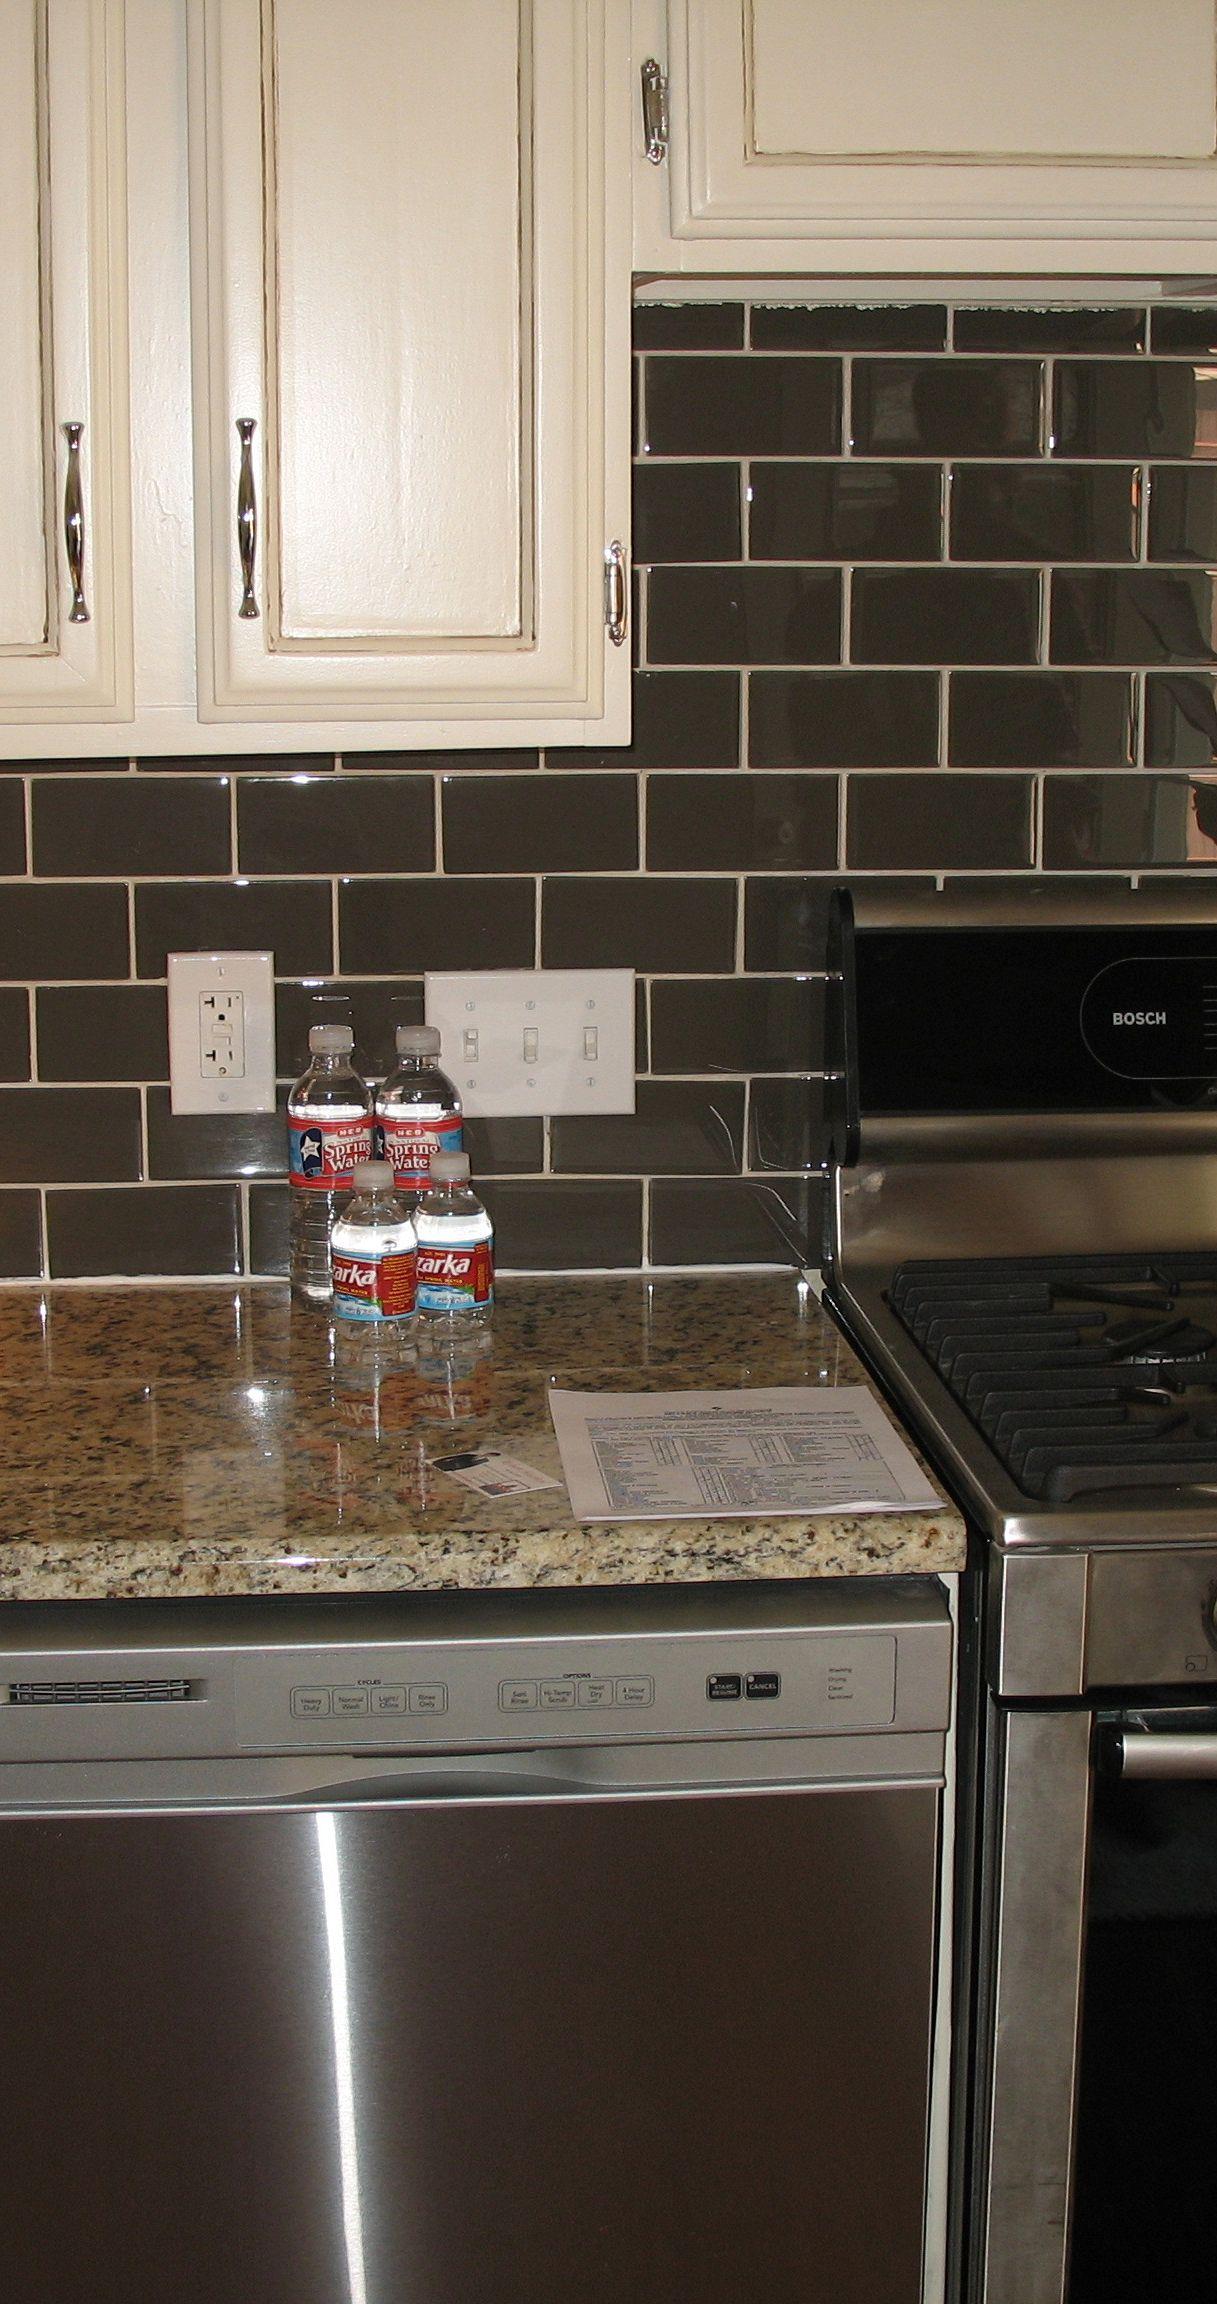 Cucina con piastrelle scure - Cucina con piastrelle scure | superEva